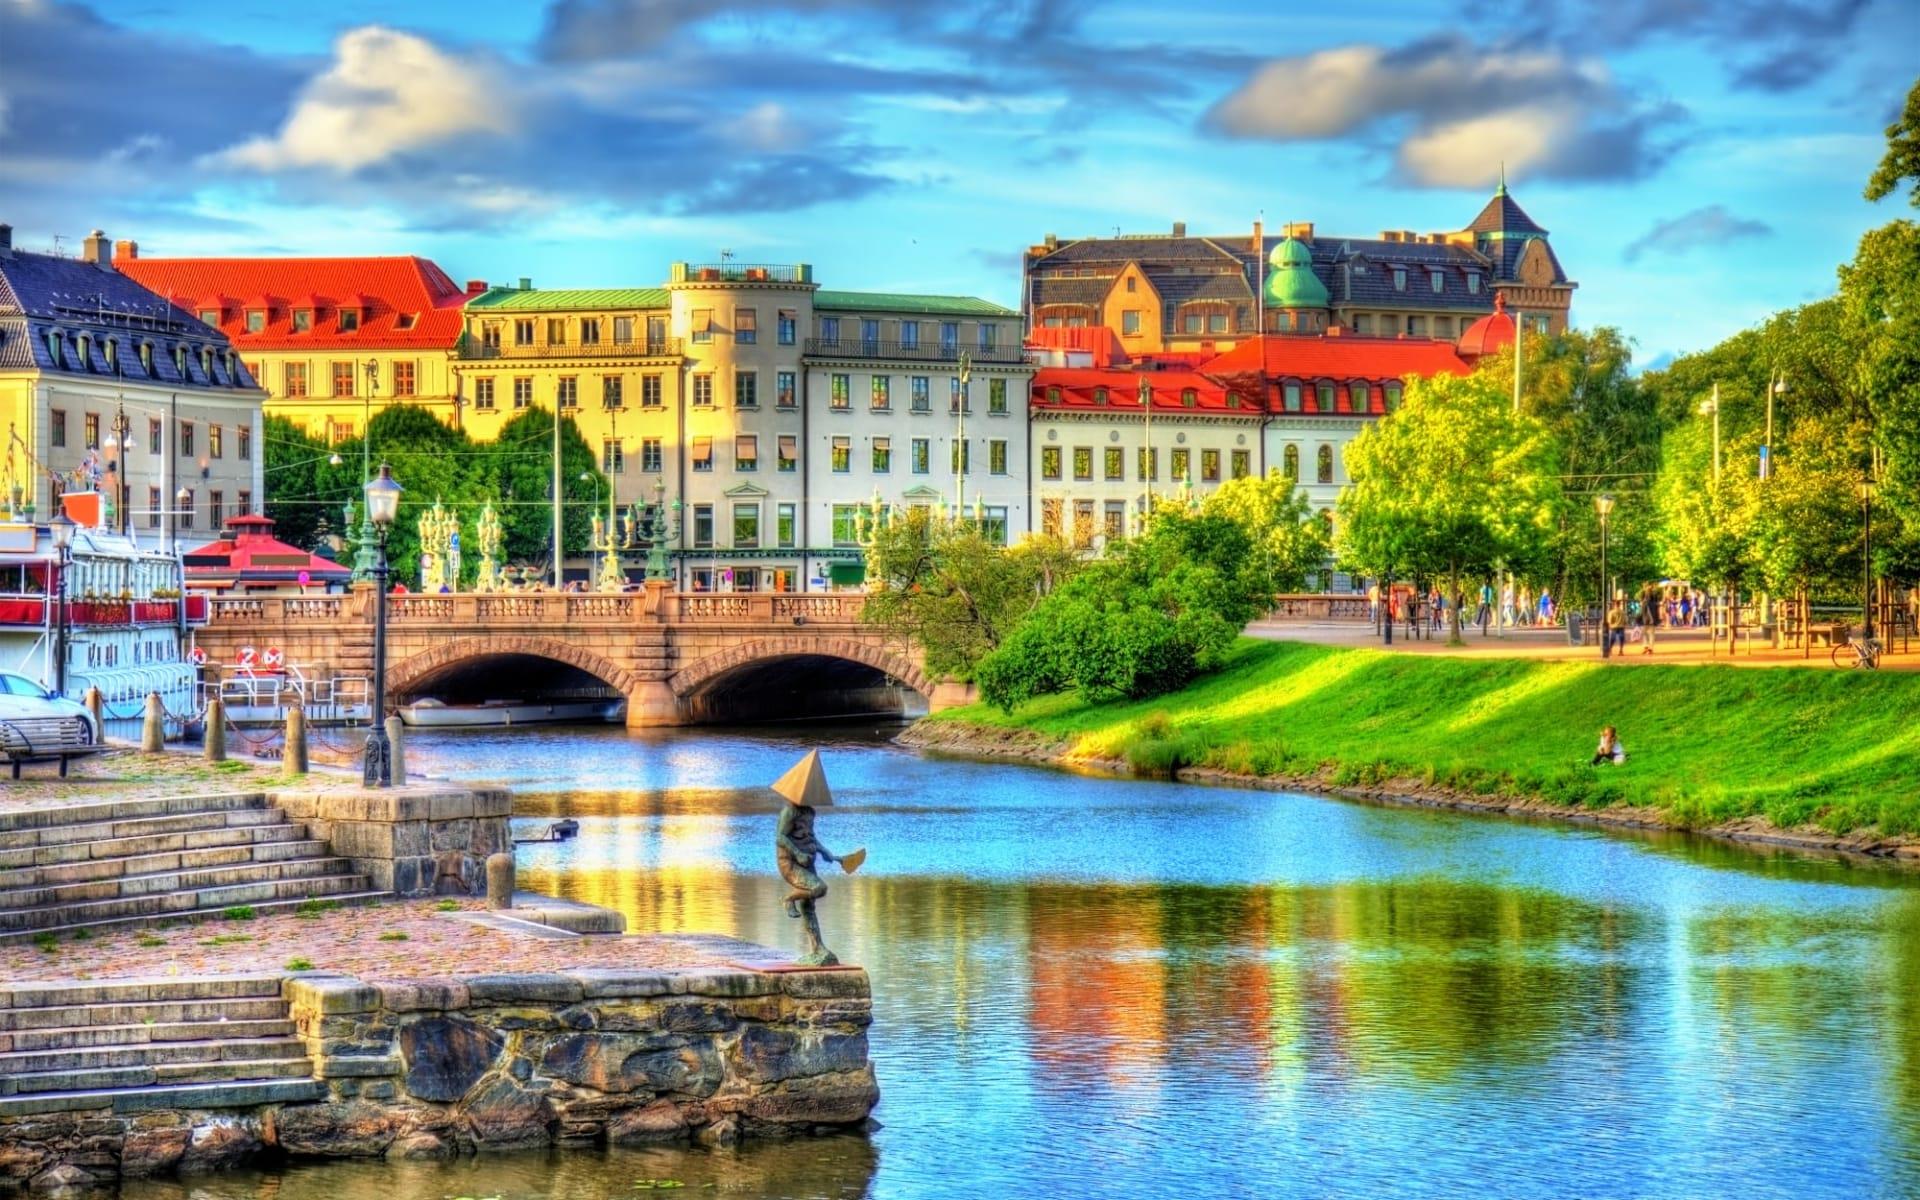 Clarion Hotel Post in Göteborg: Kanal im historischen Zentrum von Göteborg